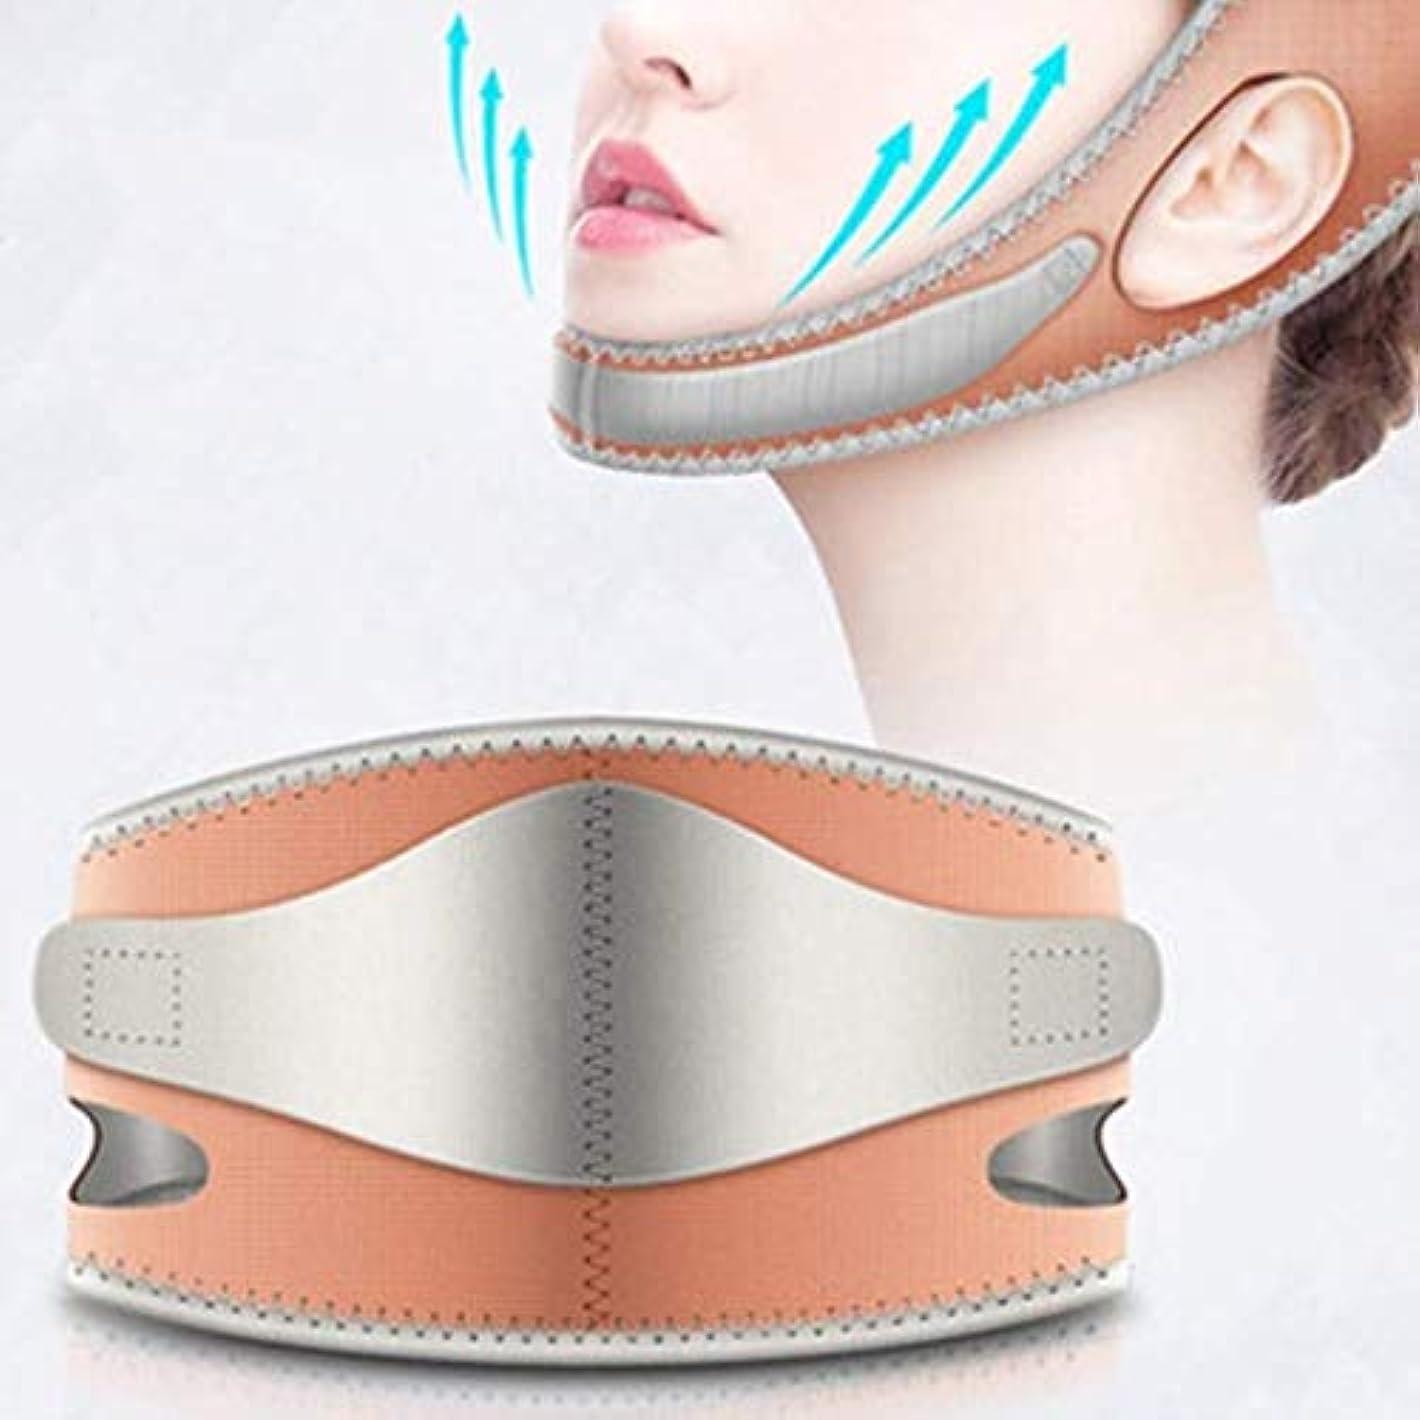 挨拶する空白マージフェイスリフティング痩身Vフェイスマスクフルカバレッジ包帯減らす顔の二重あごケア減量美容ベルト通気性